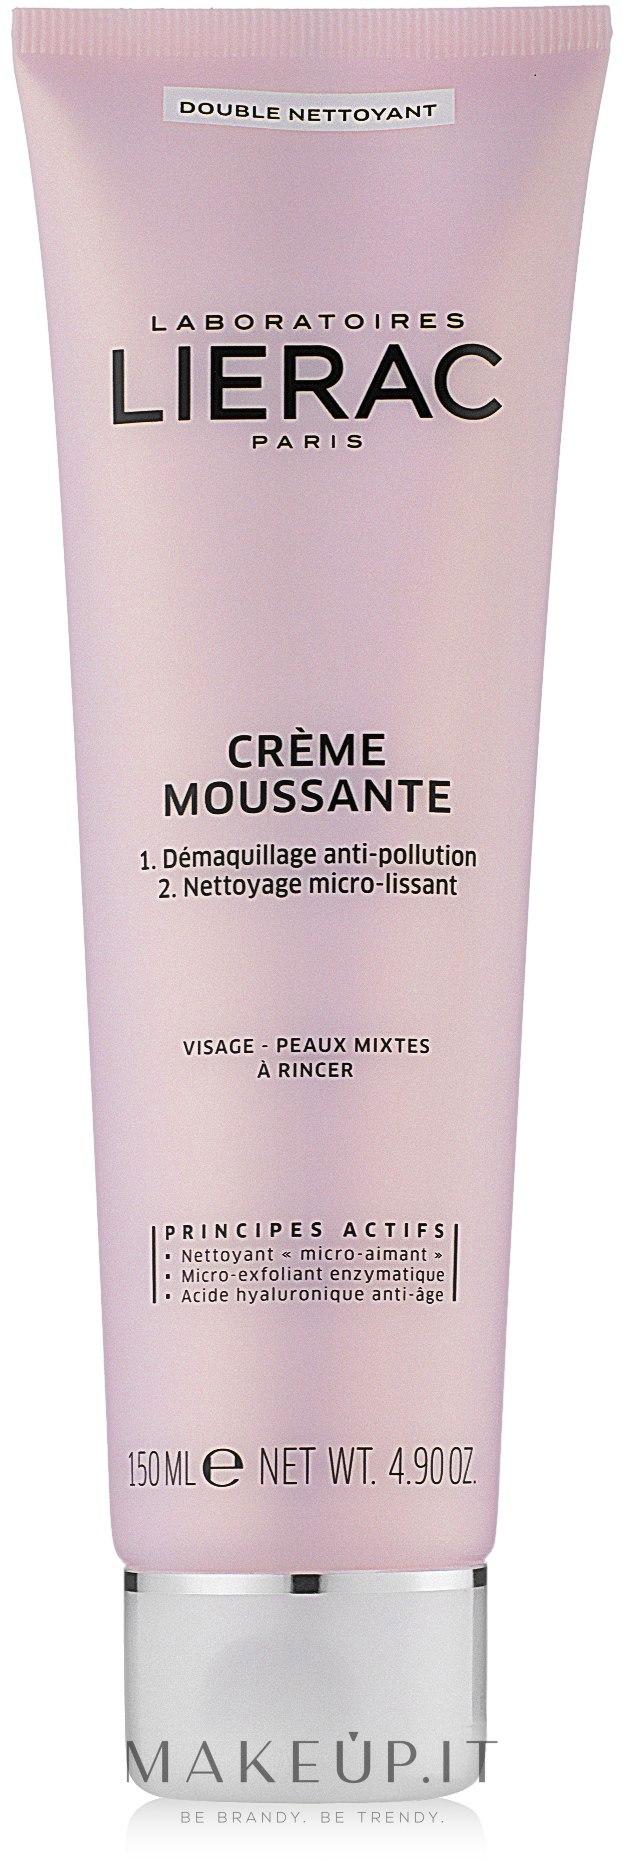 Crema Schiuma Detergente - Lierac Double Nettoyant Creme Moussante — foto 150 ml